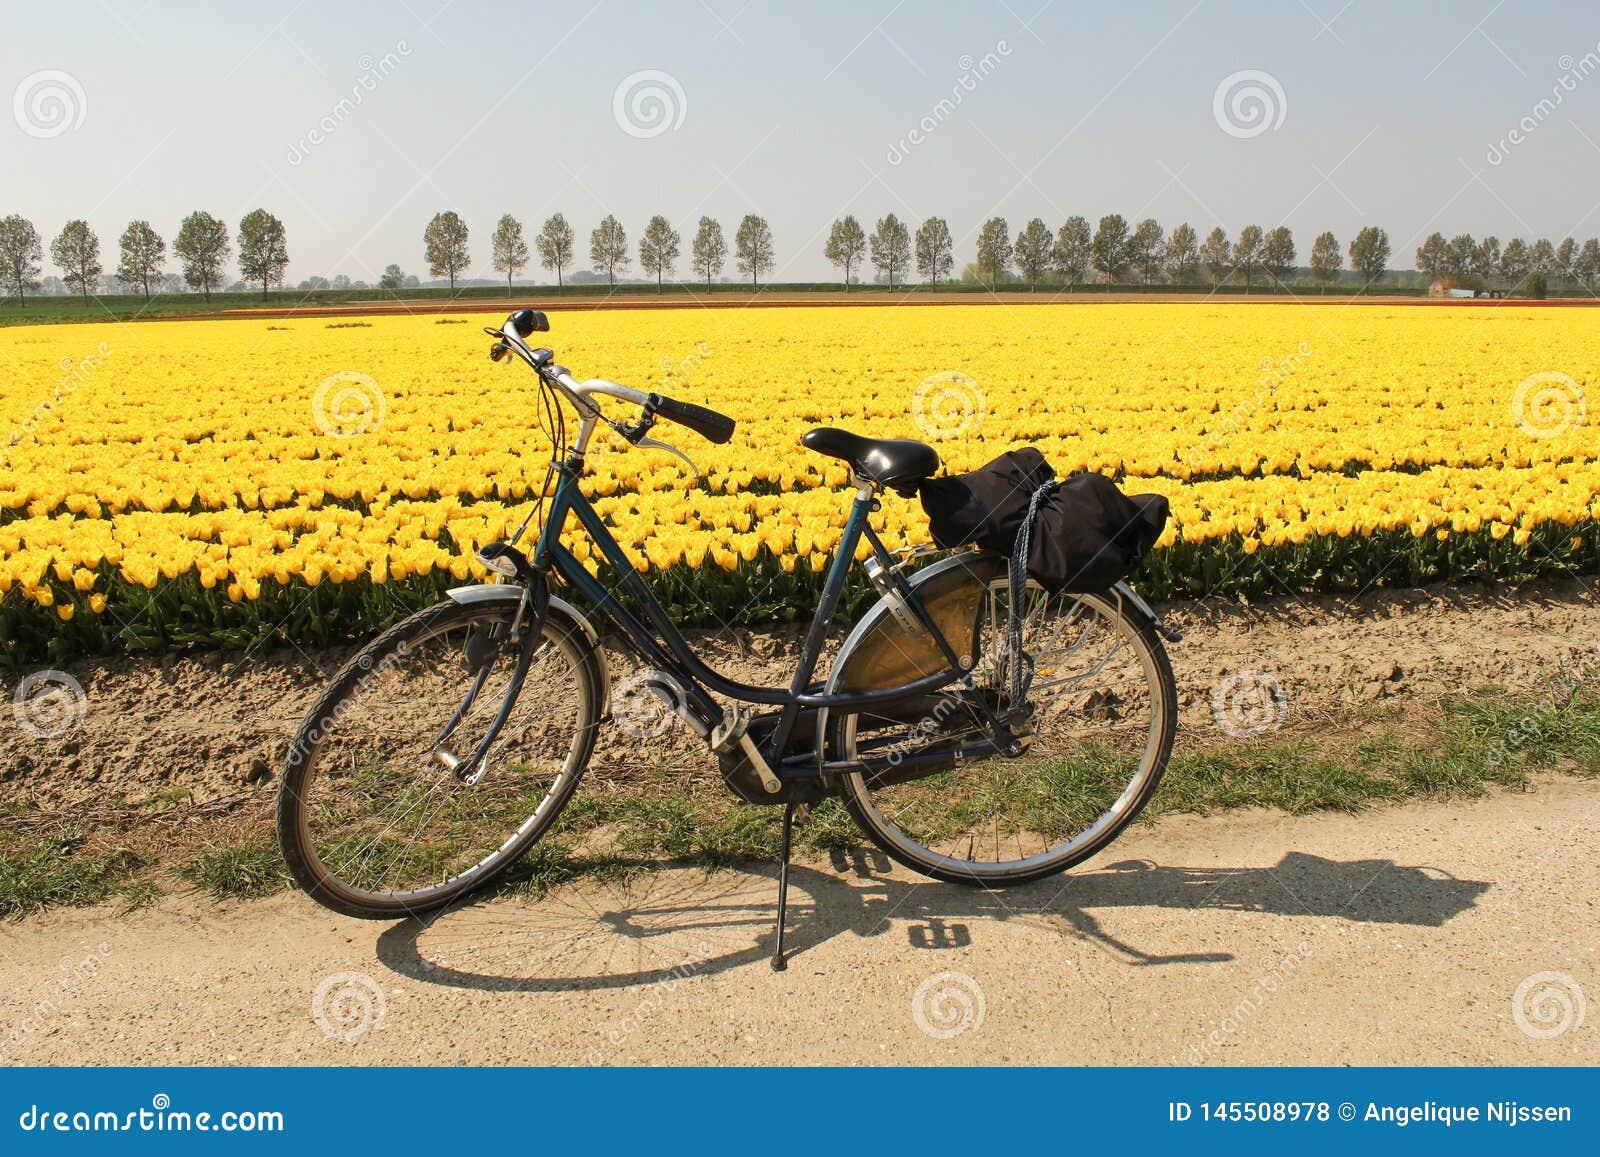 Une bicyclette devant un champ jaune de tulipe en Hollande à un jour ensoleillé au printemps